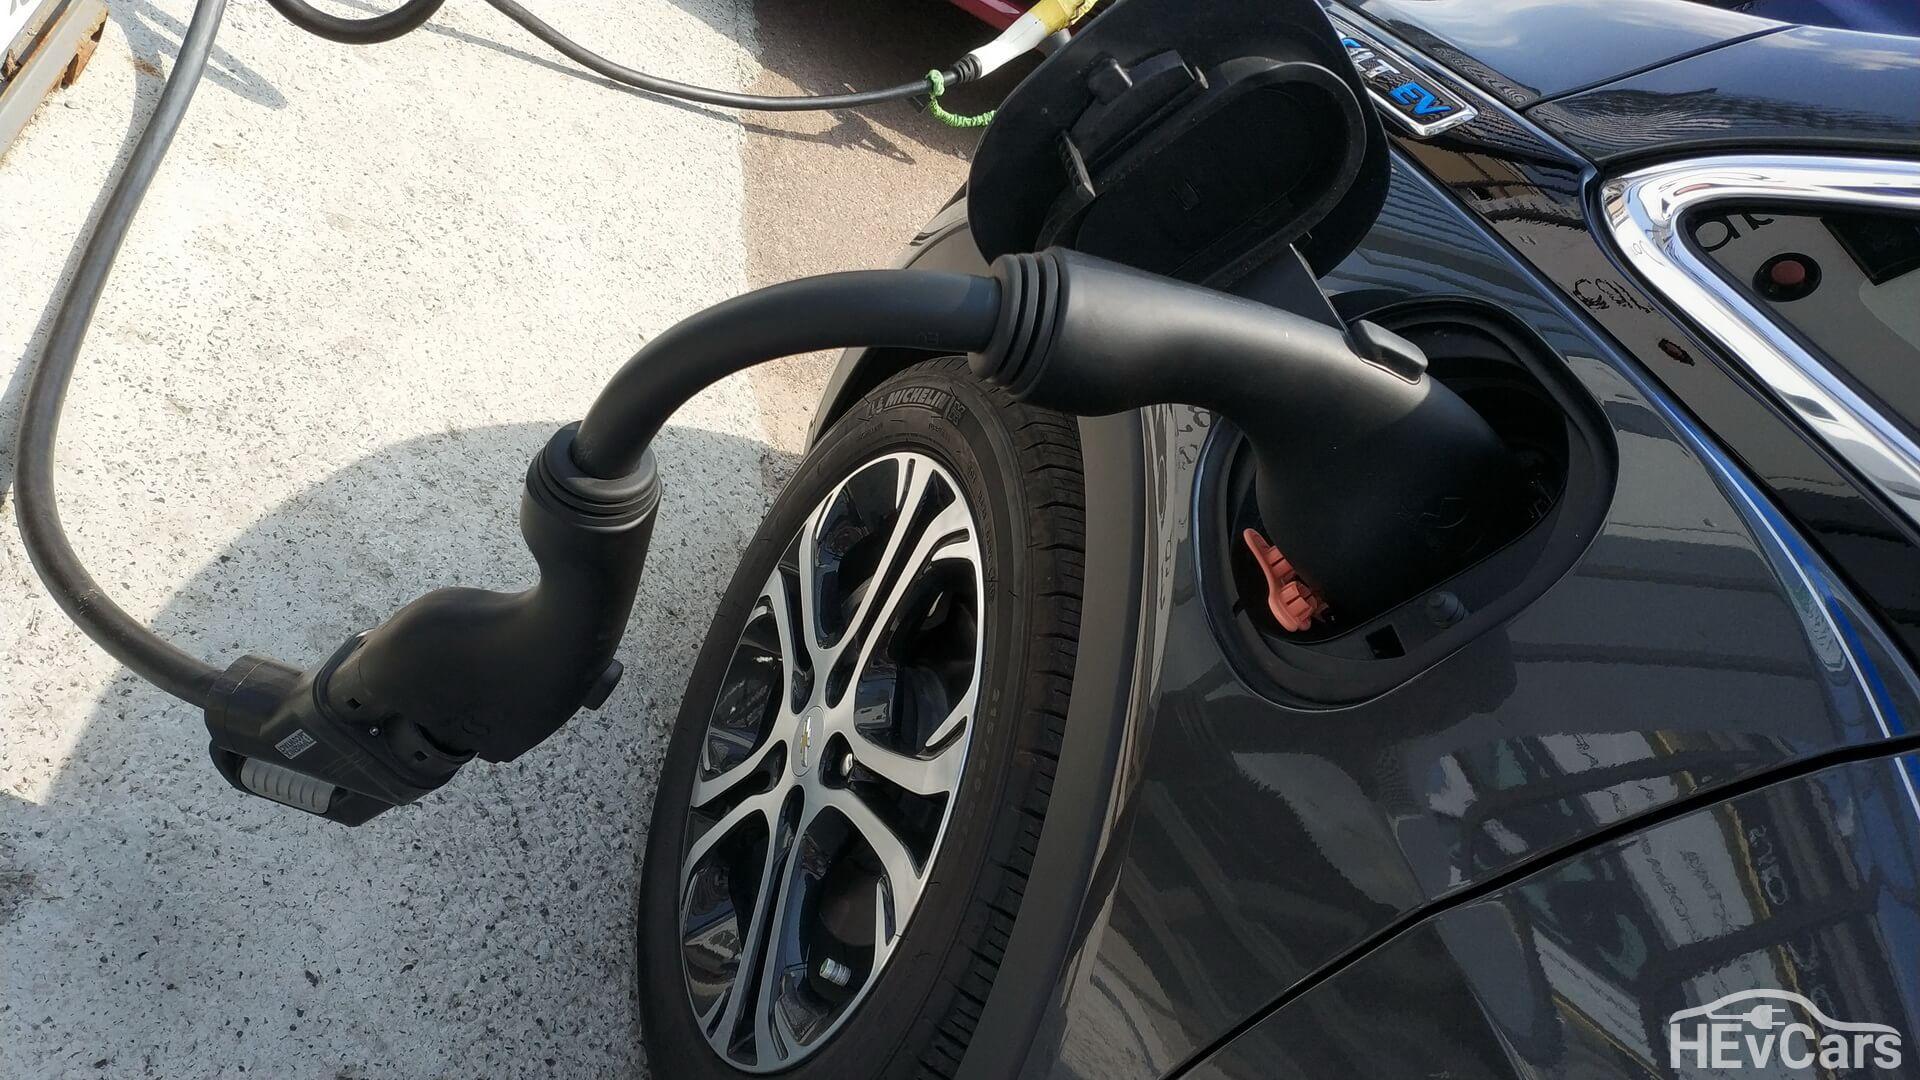 Быстрая зарядка Chevrolet Bolt EV через переходник сCCS Combo 2на CCS Combo1